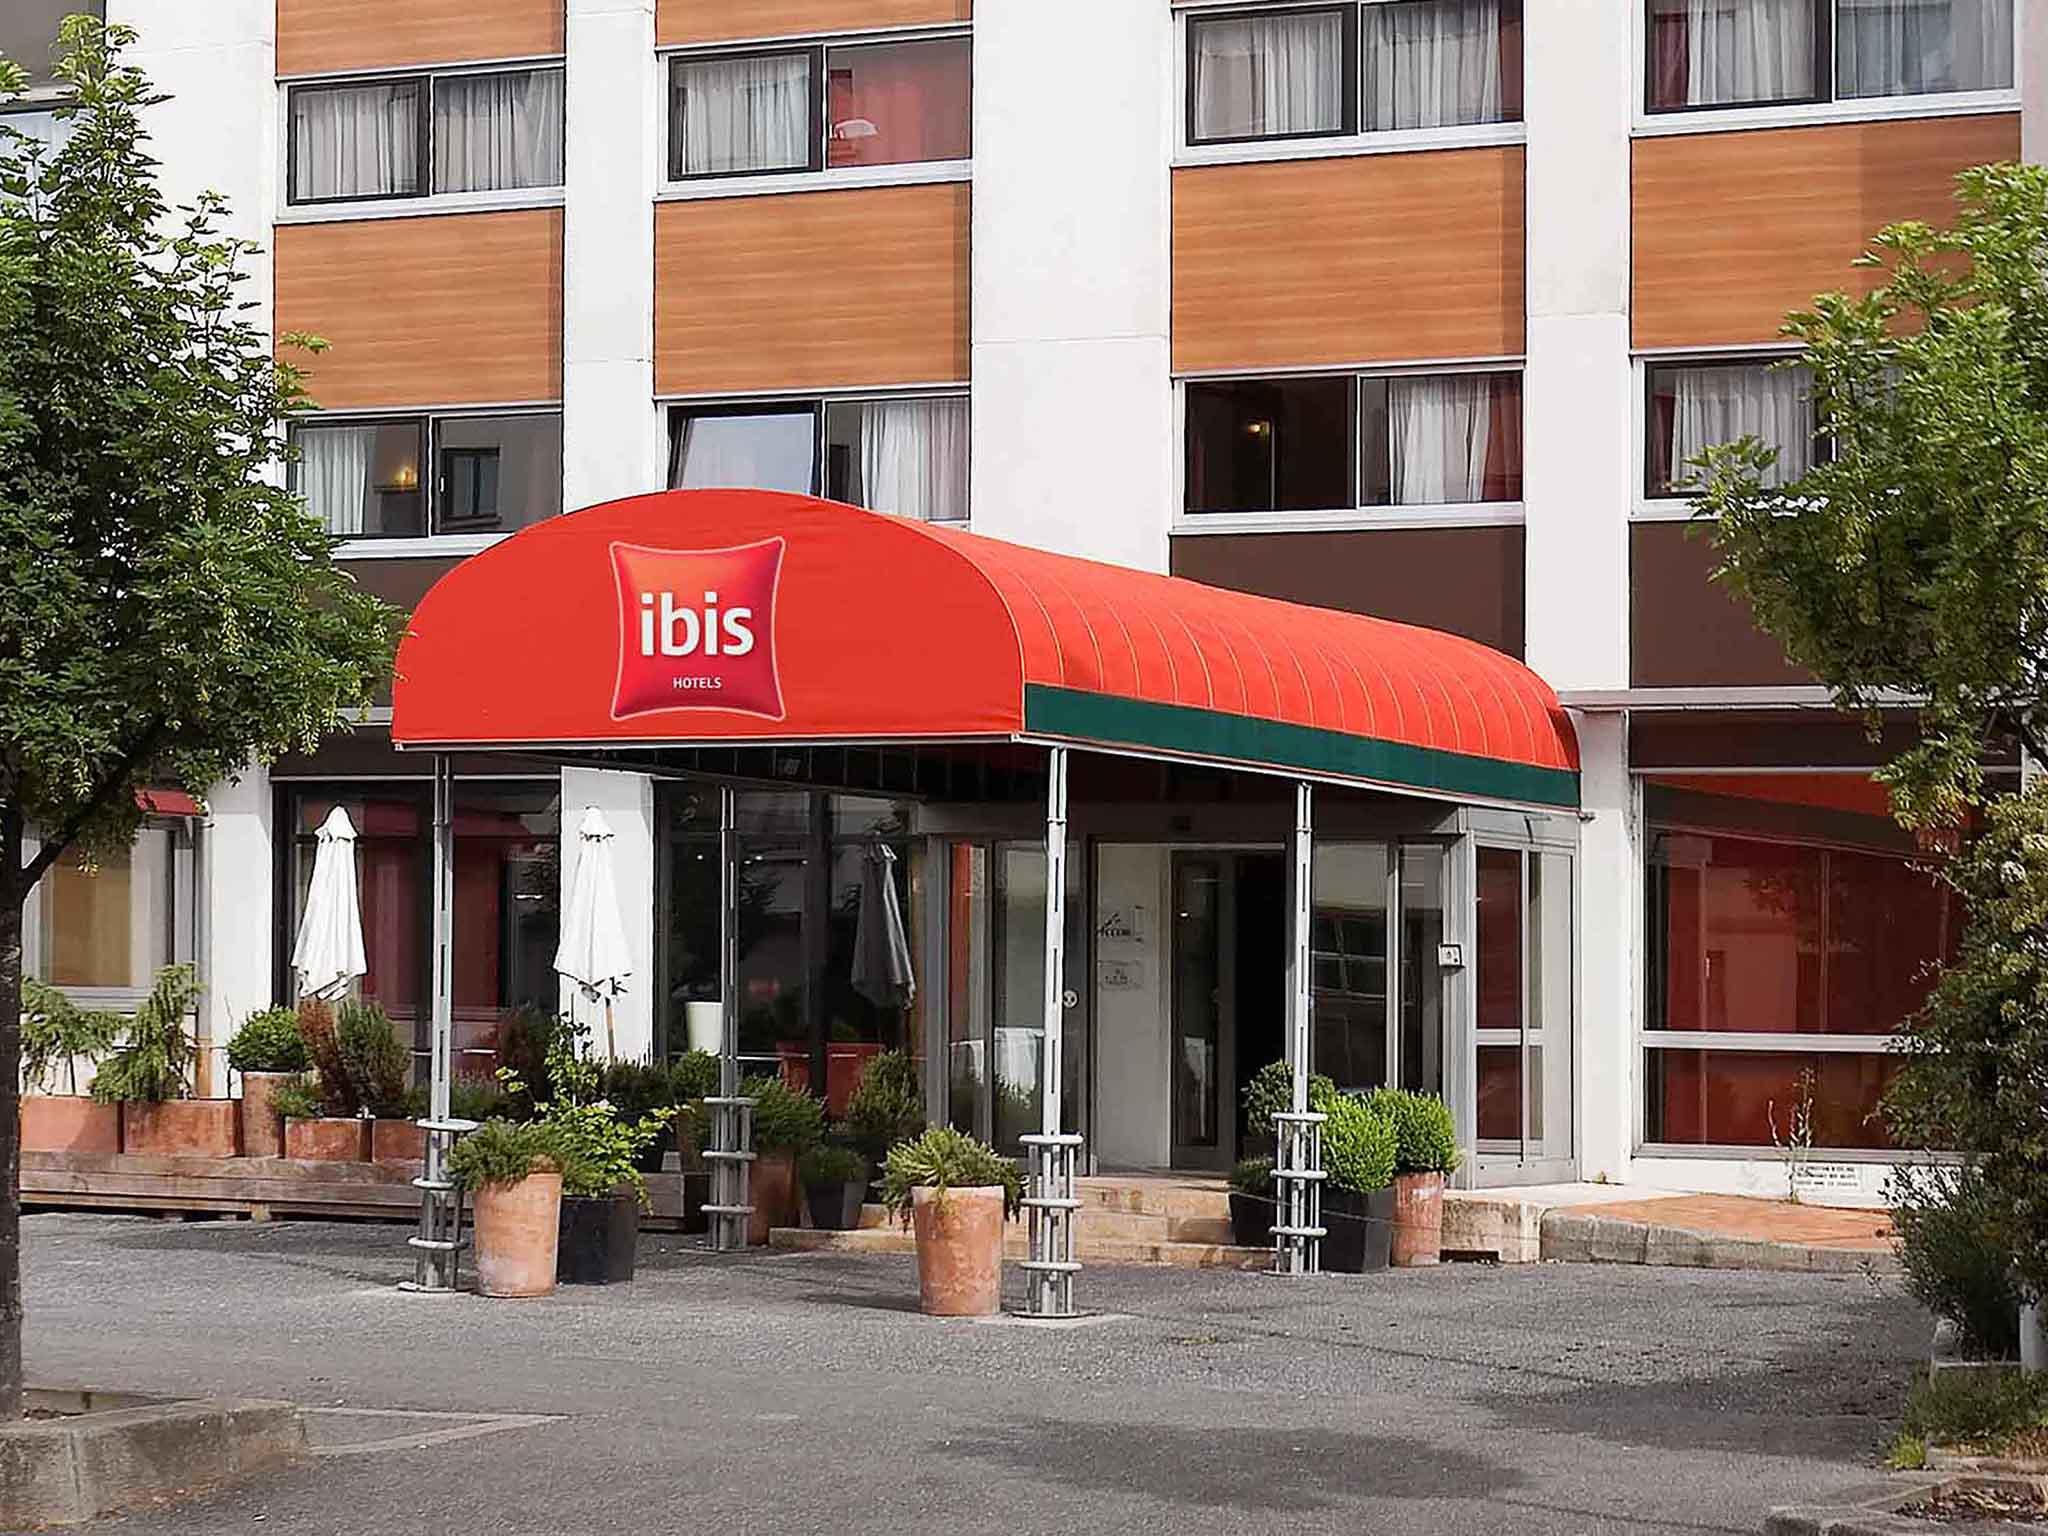 酒店 – 宜必思阿讷马斯酒店